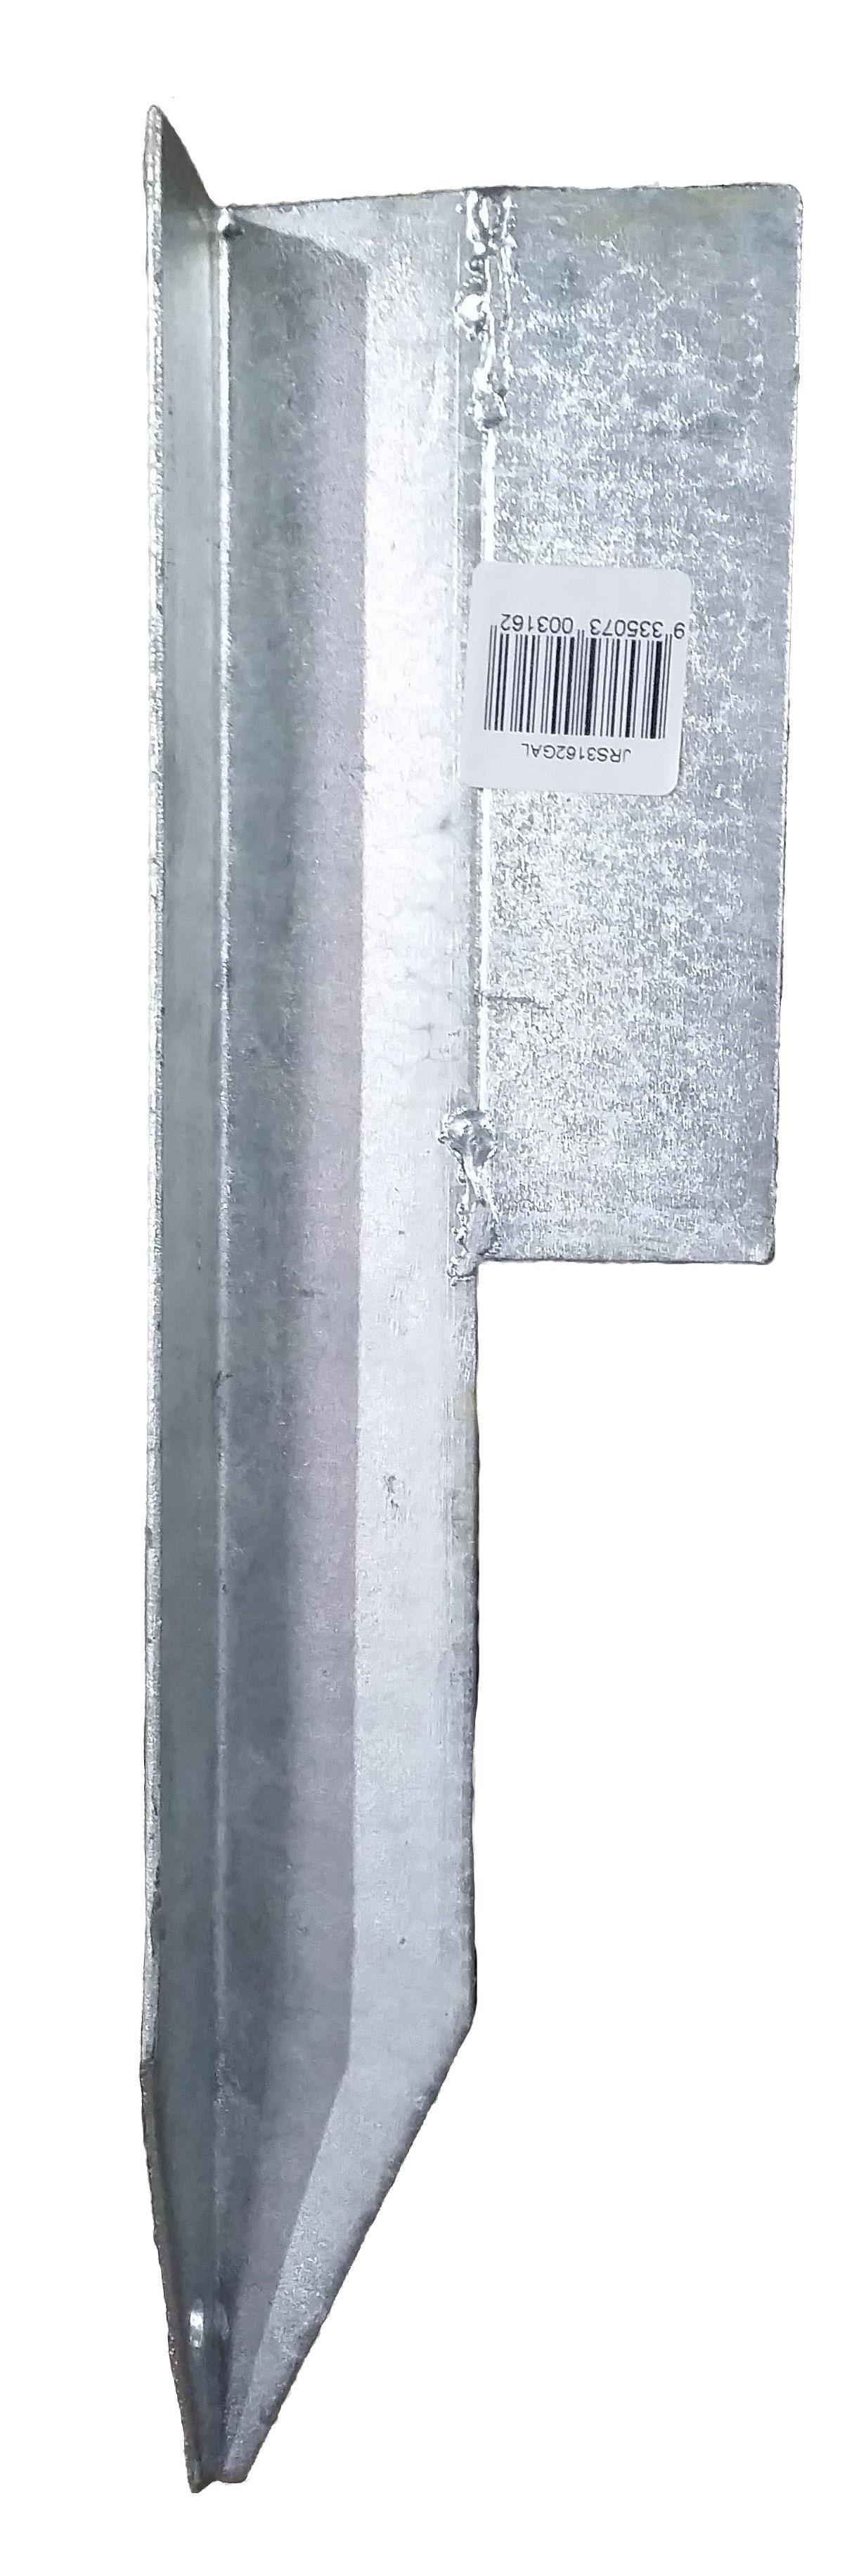 STEEL CORNER L50x400 L/H GALV